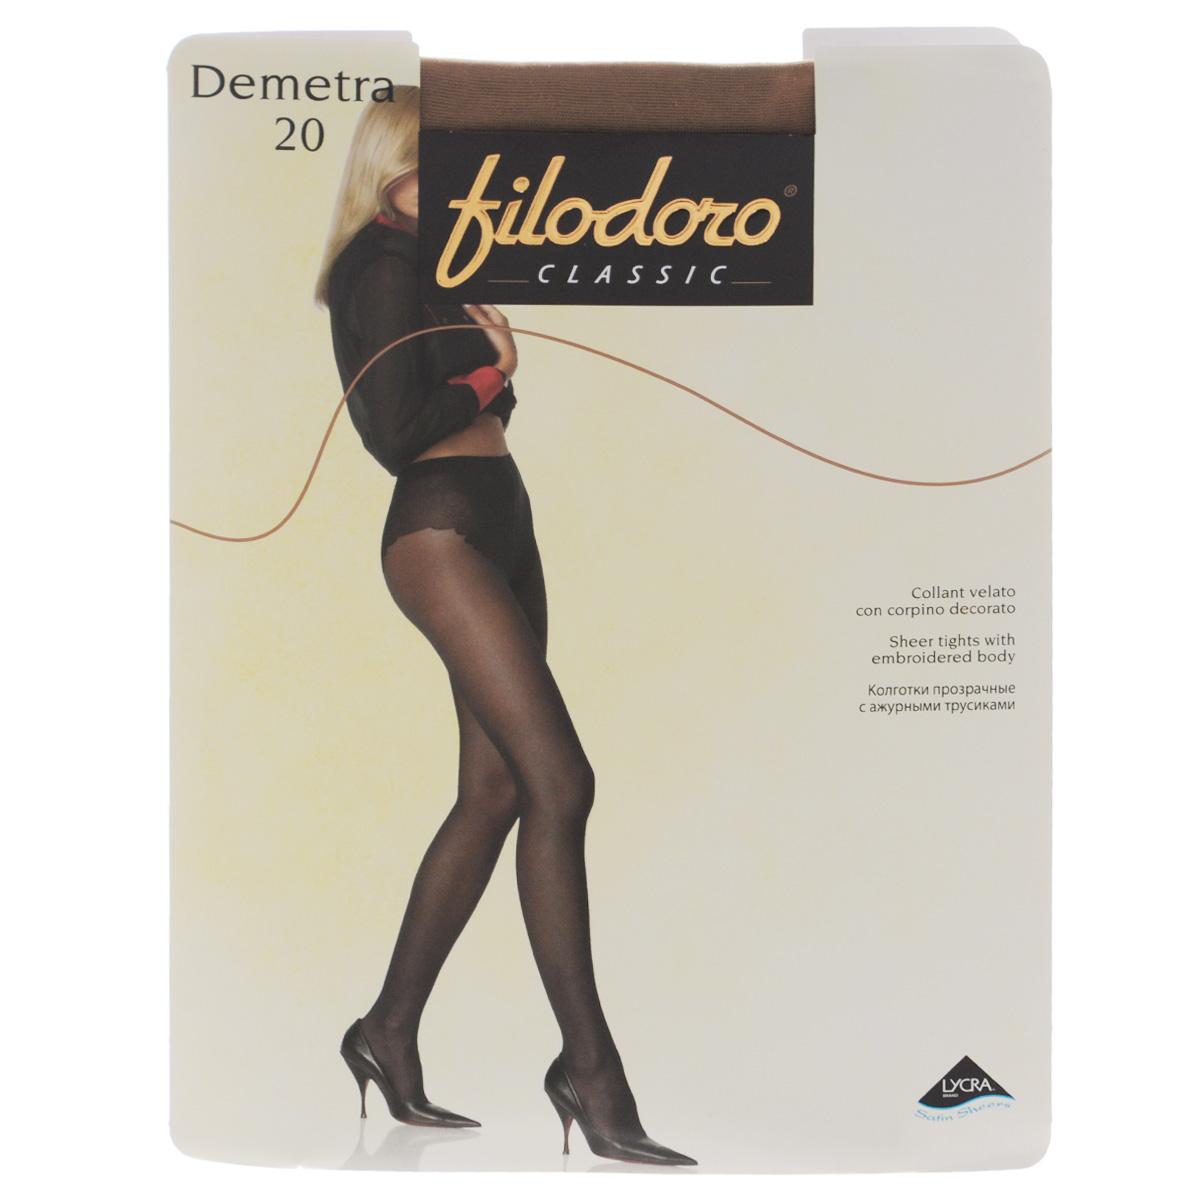 Колготки женские Filodoro Classic Demetra 20, цвет: Playa (телесный). C114066FC. Размер 2 (S) filodoro classic filodoro classic cotton warm grigio melange